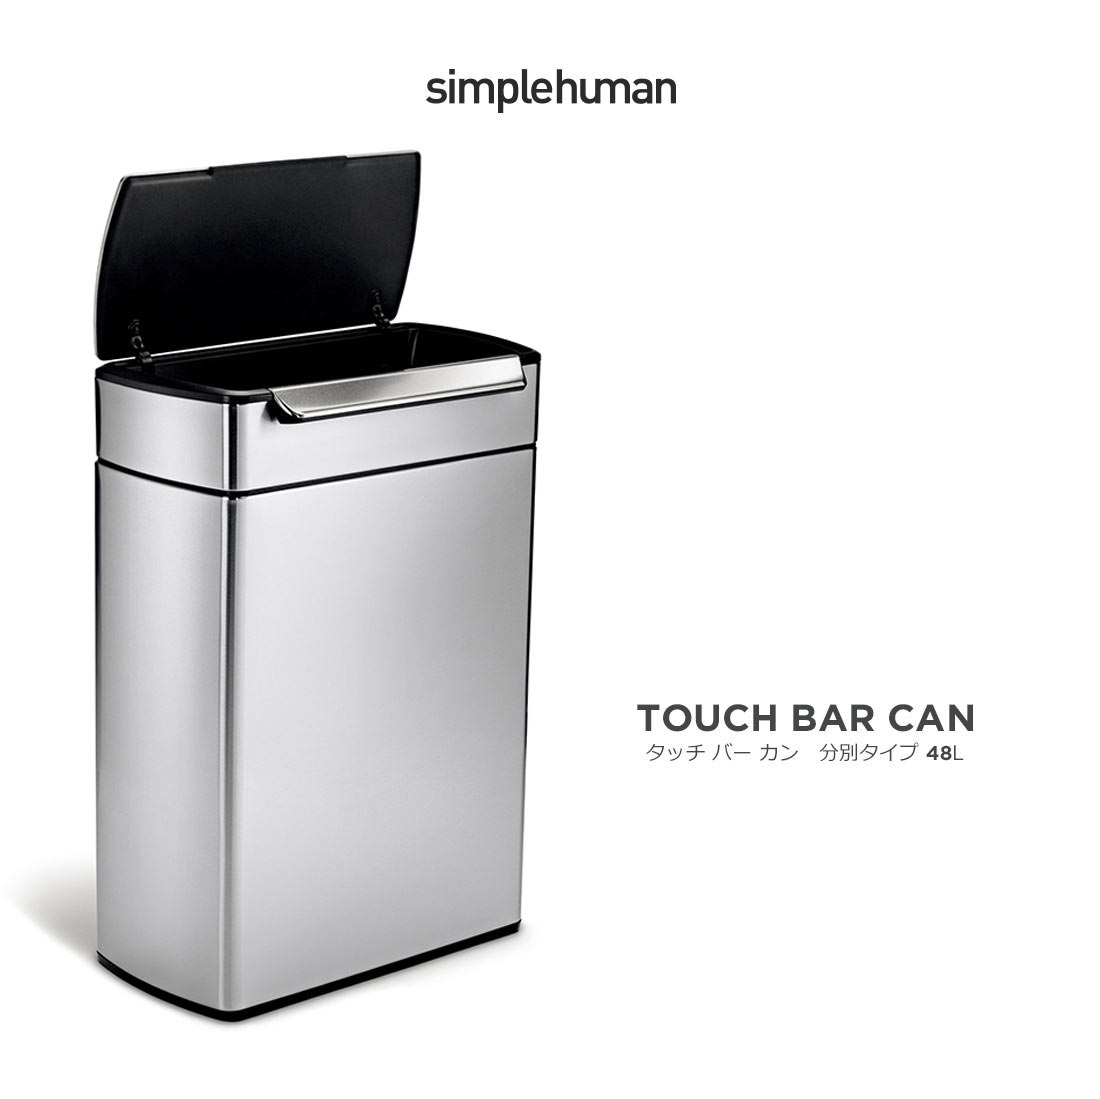 【Simple Human】TOUCH BAR CAN 分別タイプ 48Lシンプルヒューマン/デュアルタッチバーカン/48リットル/ゴミ箱 /プラスチック/レクタンギュラーステップカン/ふた付きゴミ箱/分別/横型ゴミ箱/838810015835